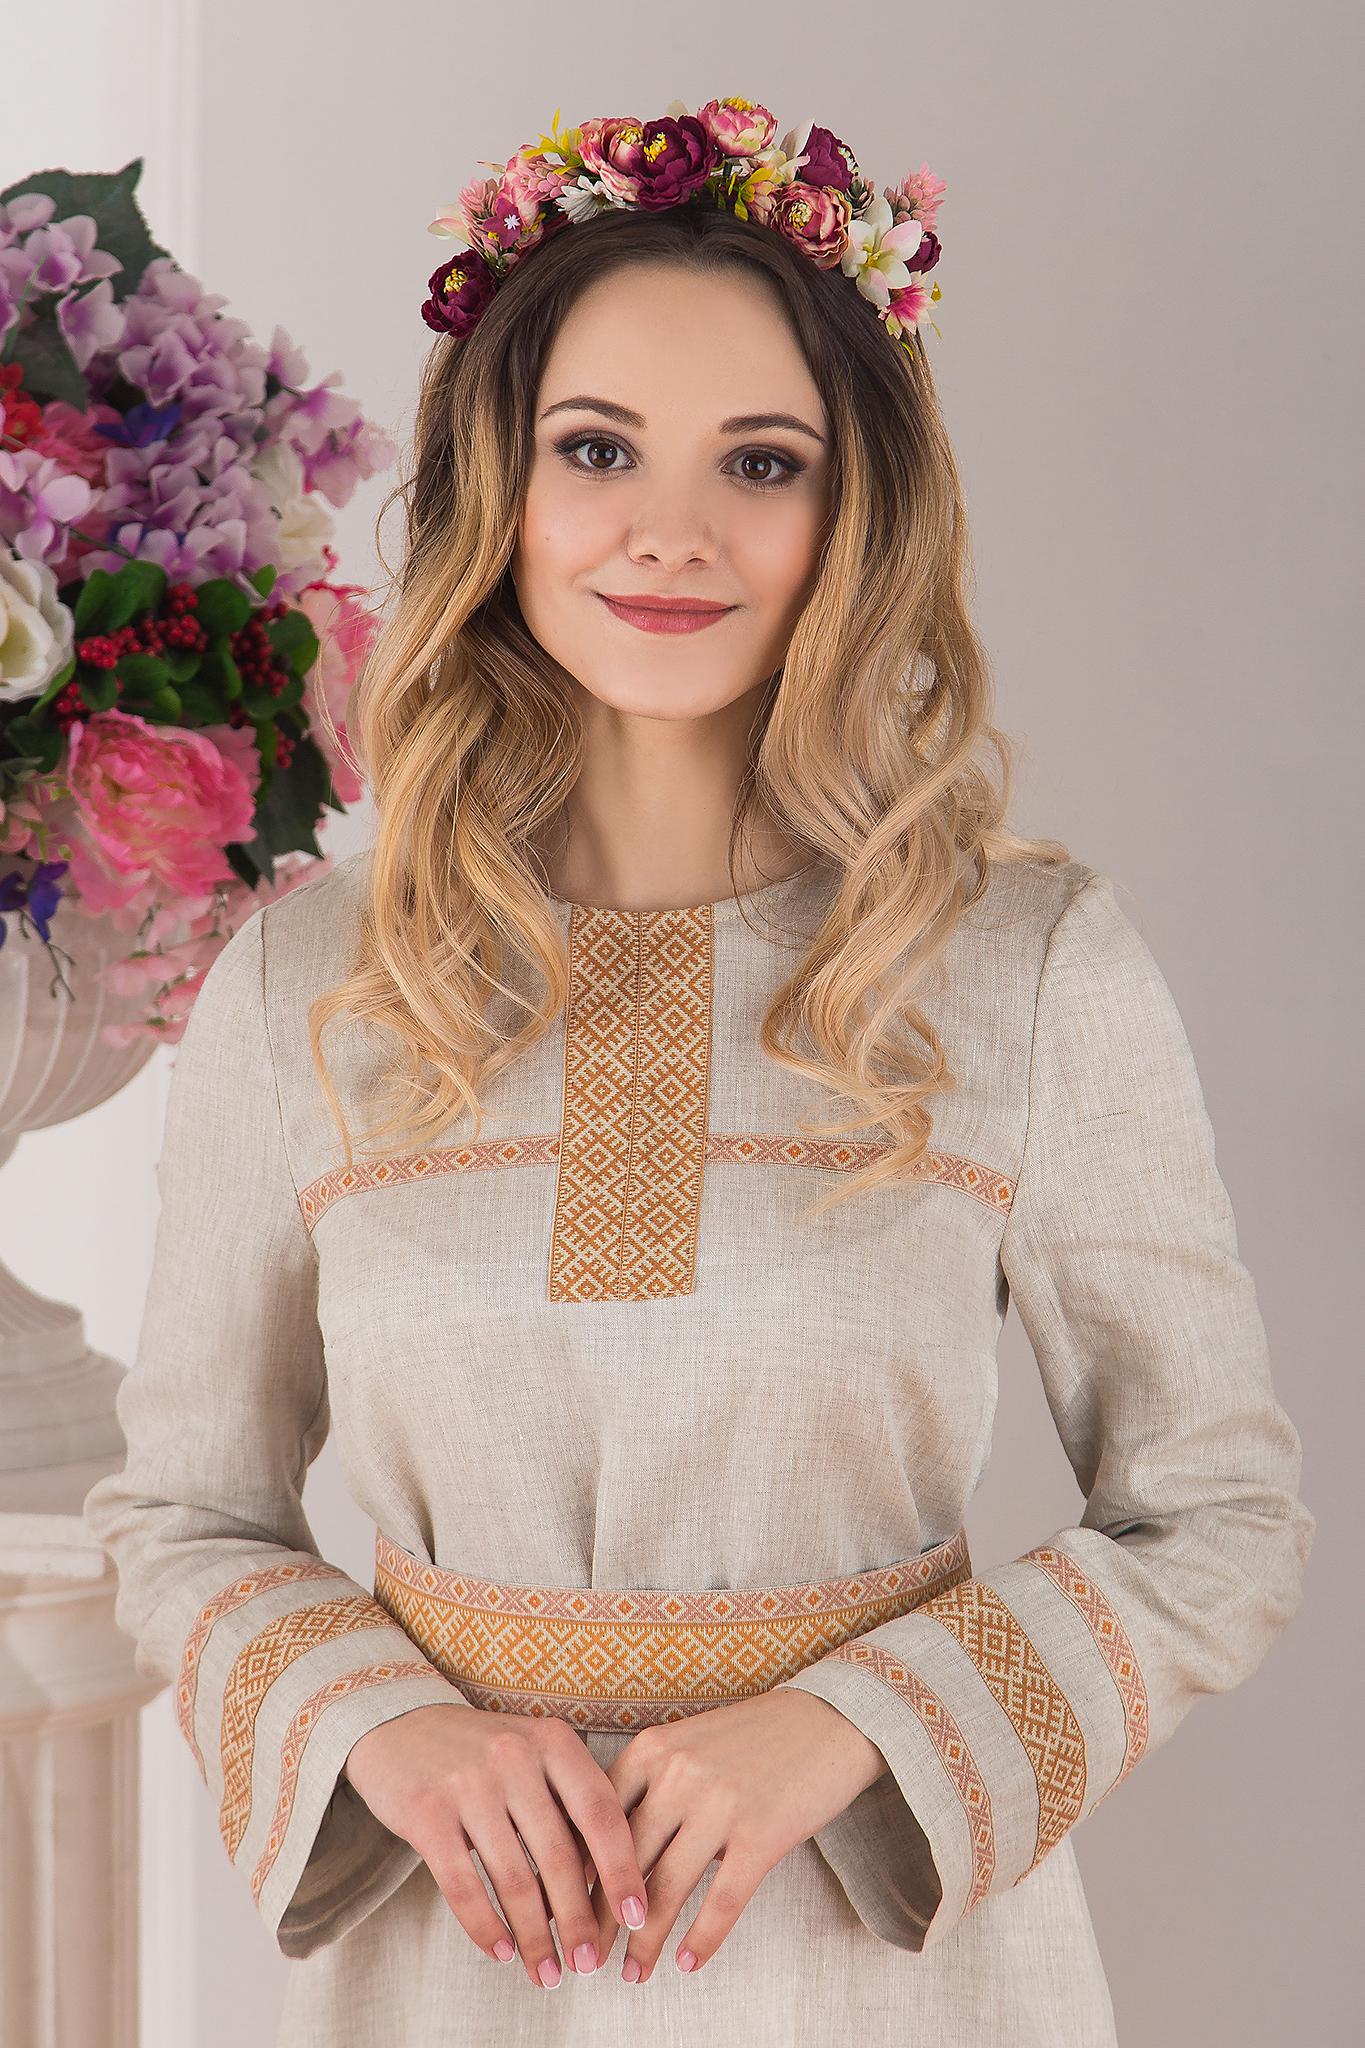 Платье льняное традиционное купить в интернет-магазине Иванка приближенный фрагмент